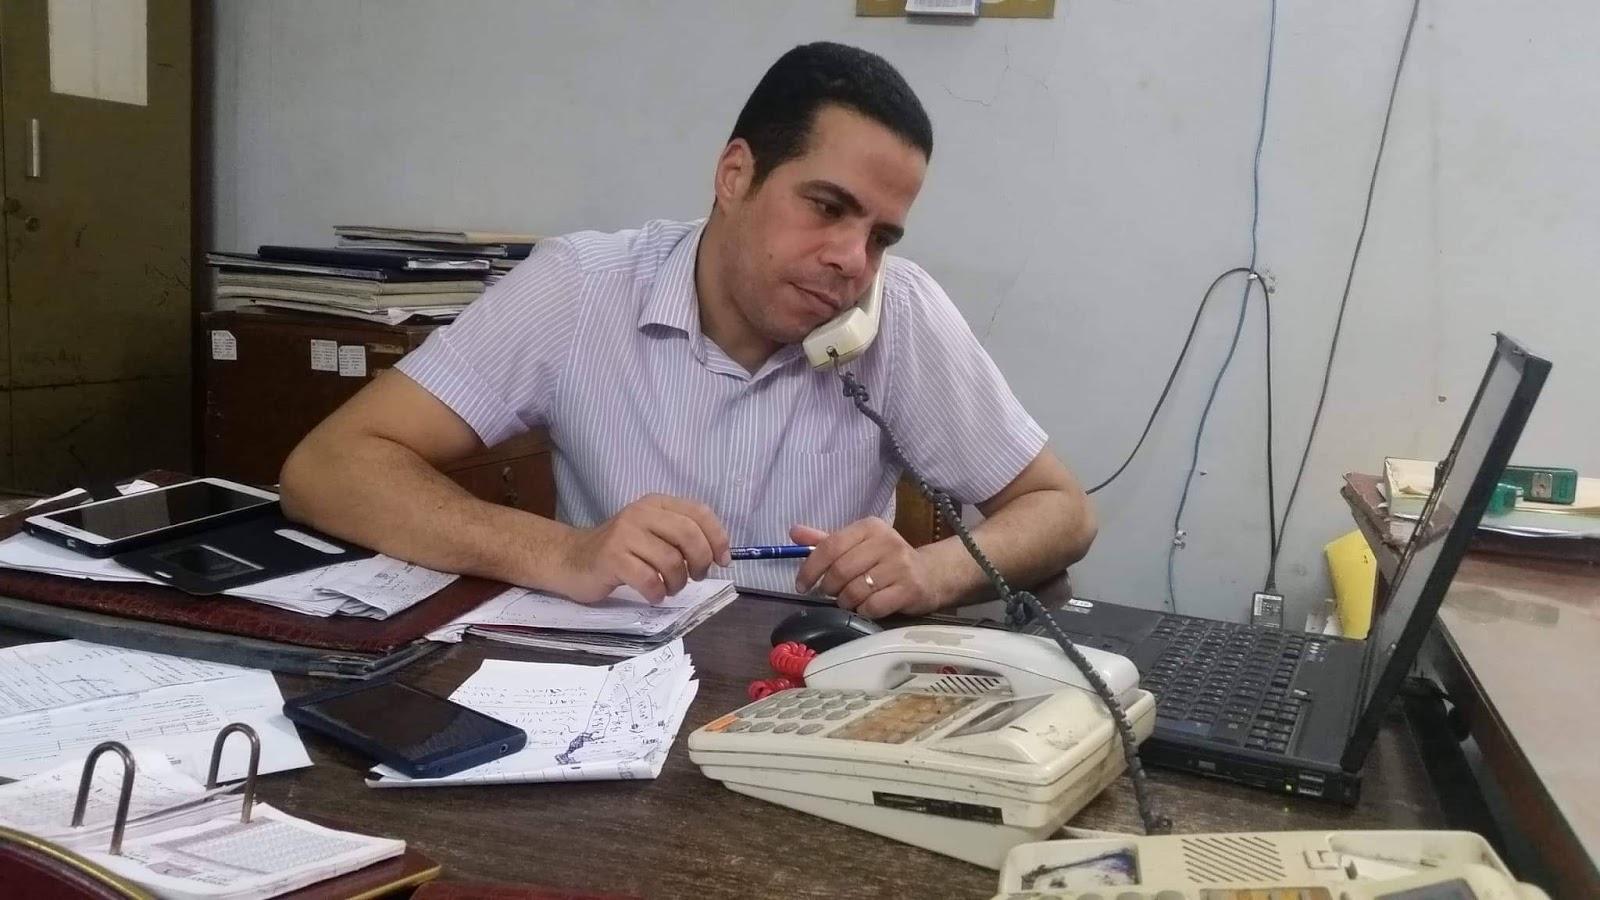 وسام شكر وعرفان للمهندس إسلام طعيمه